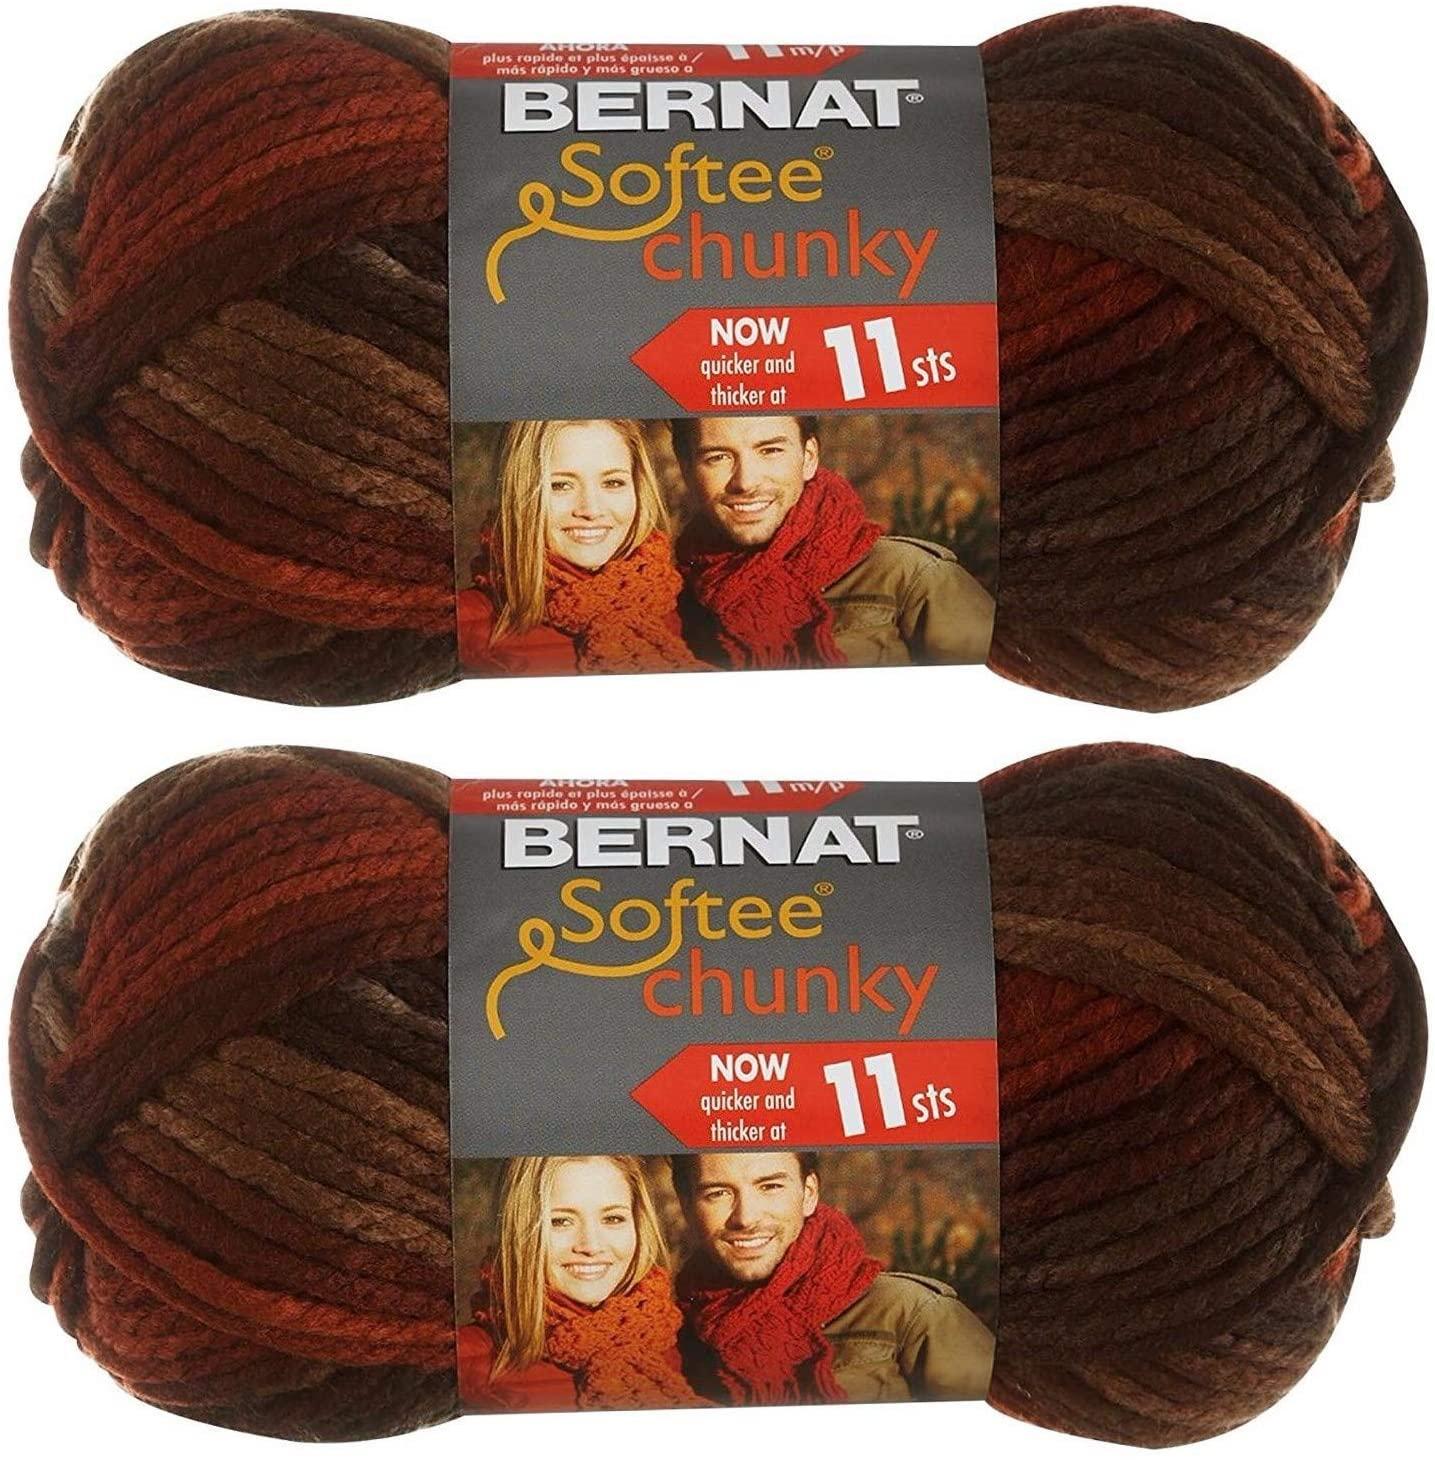 Bernat Softee Chunky Yarn 2-Pack Super Bulky #6 Each 2.8 Ounce 100% Acrylic (Terra Cotta Mist)